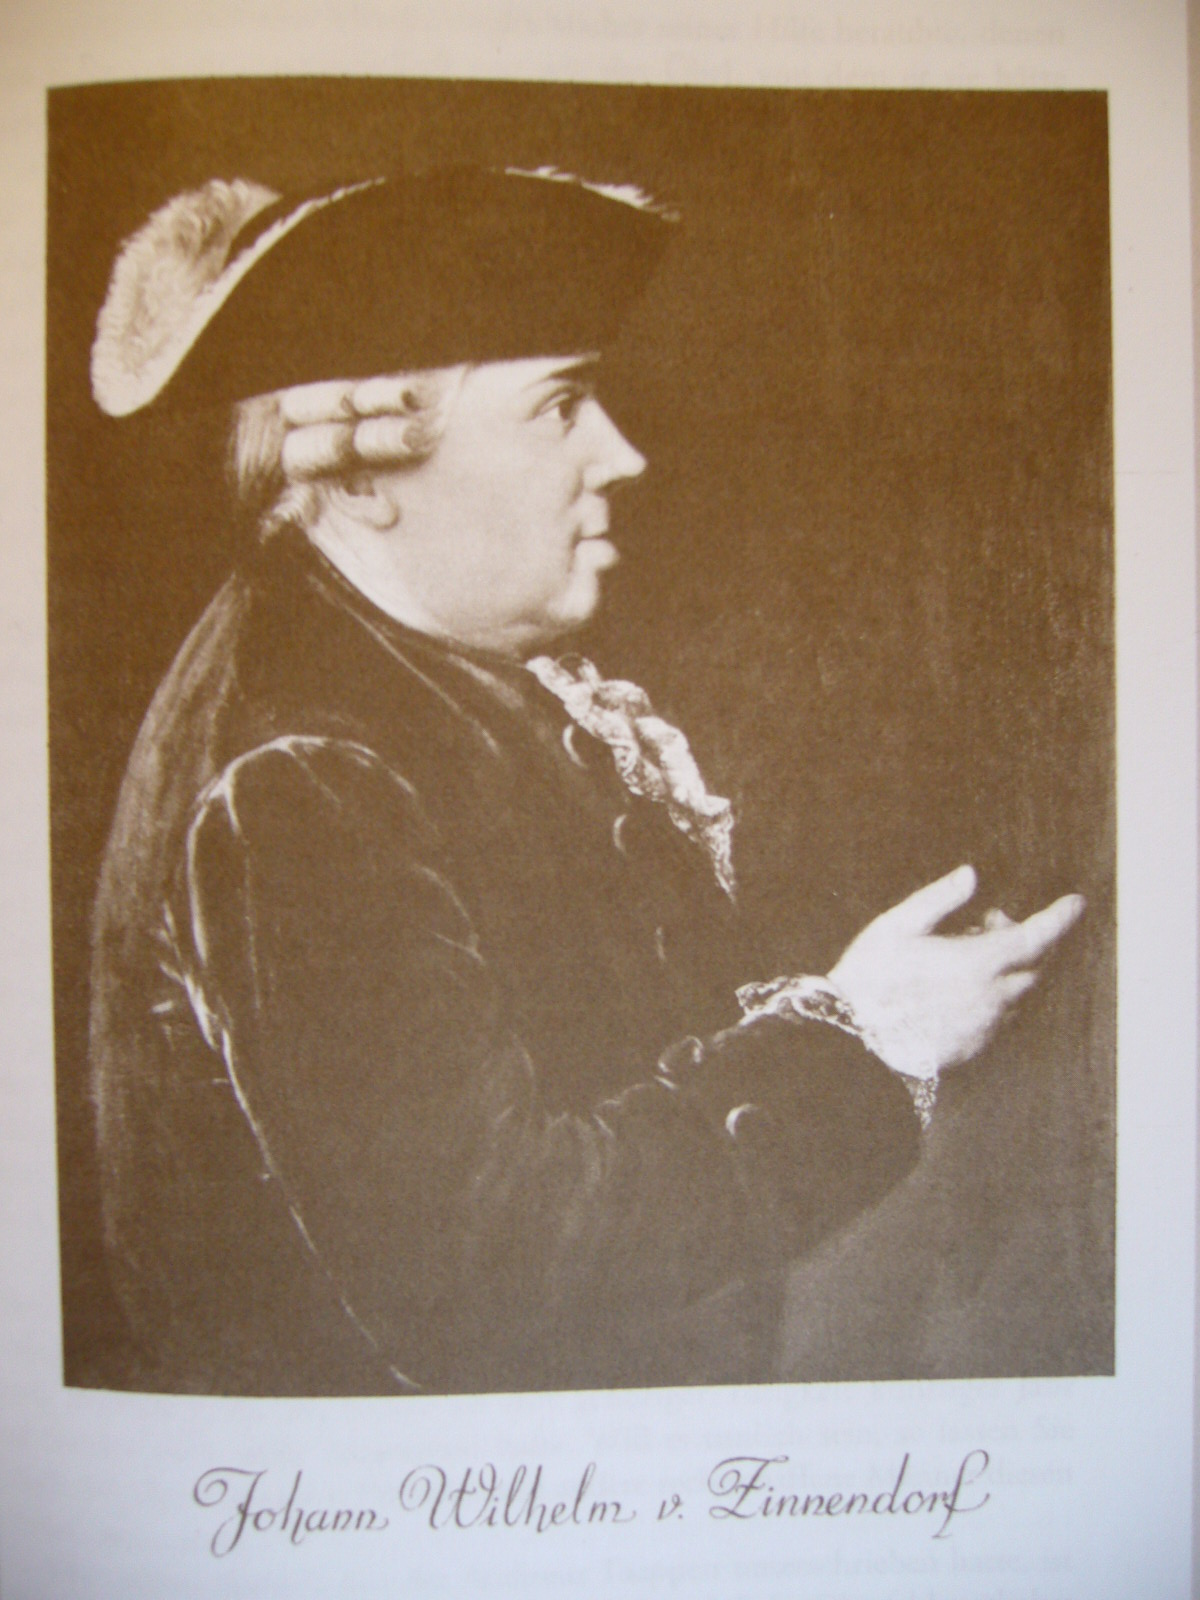 J.W. von Zinnendorf